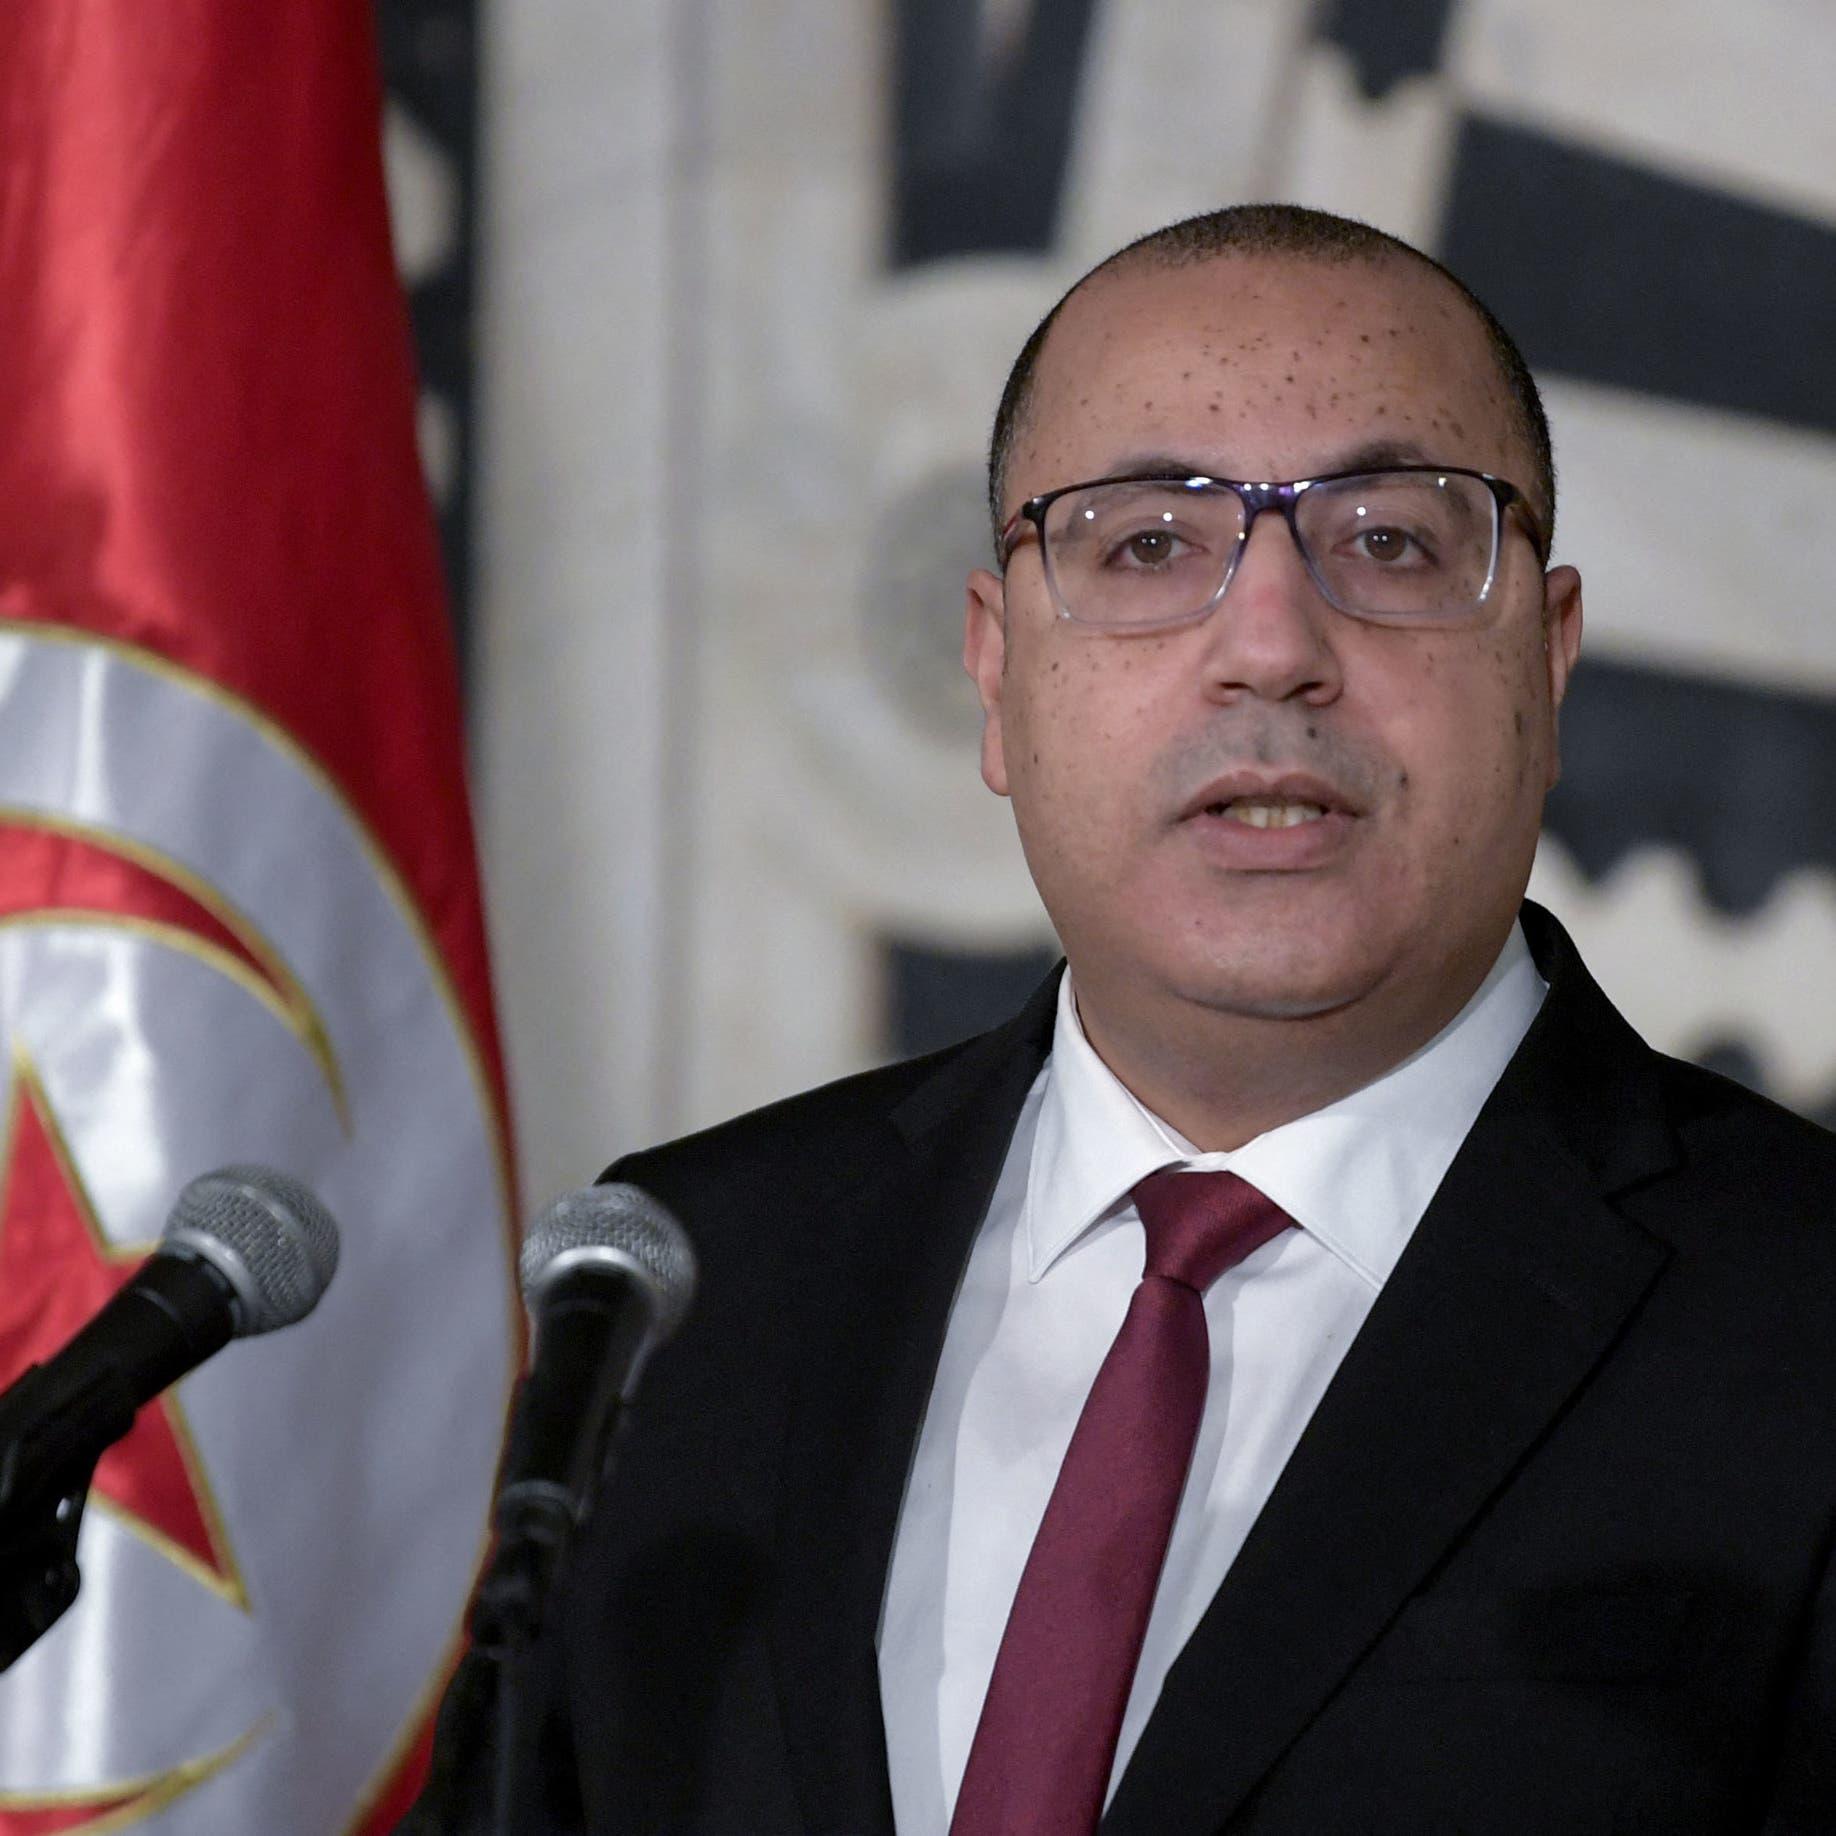 رئيس الحكومة التونسية المقال هشام المشيشي يتخلى عن منصبه